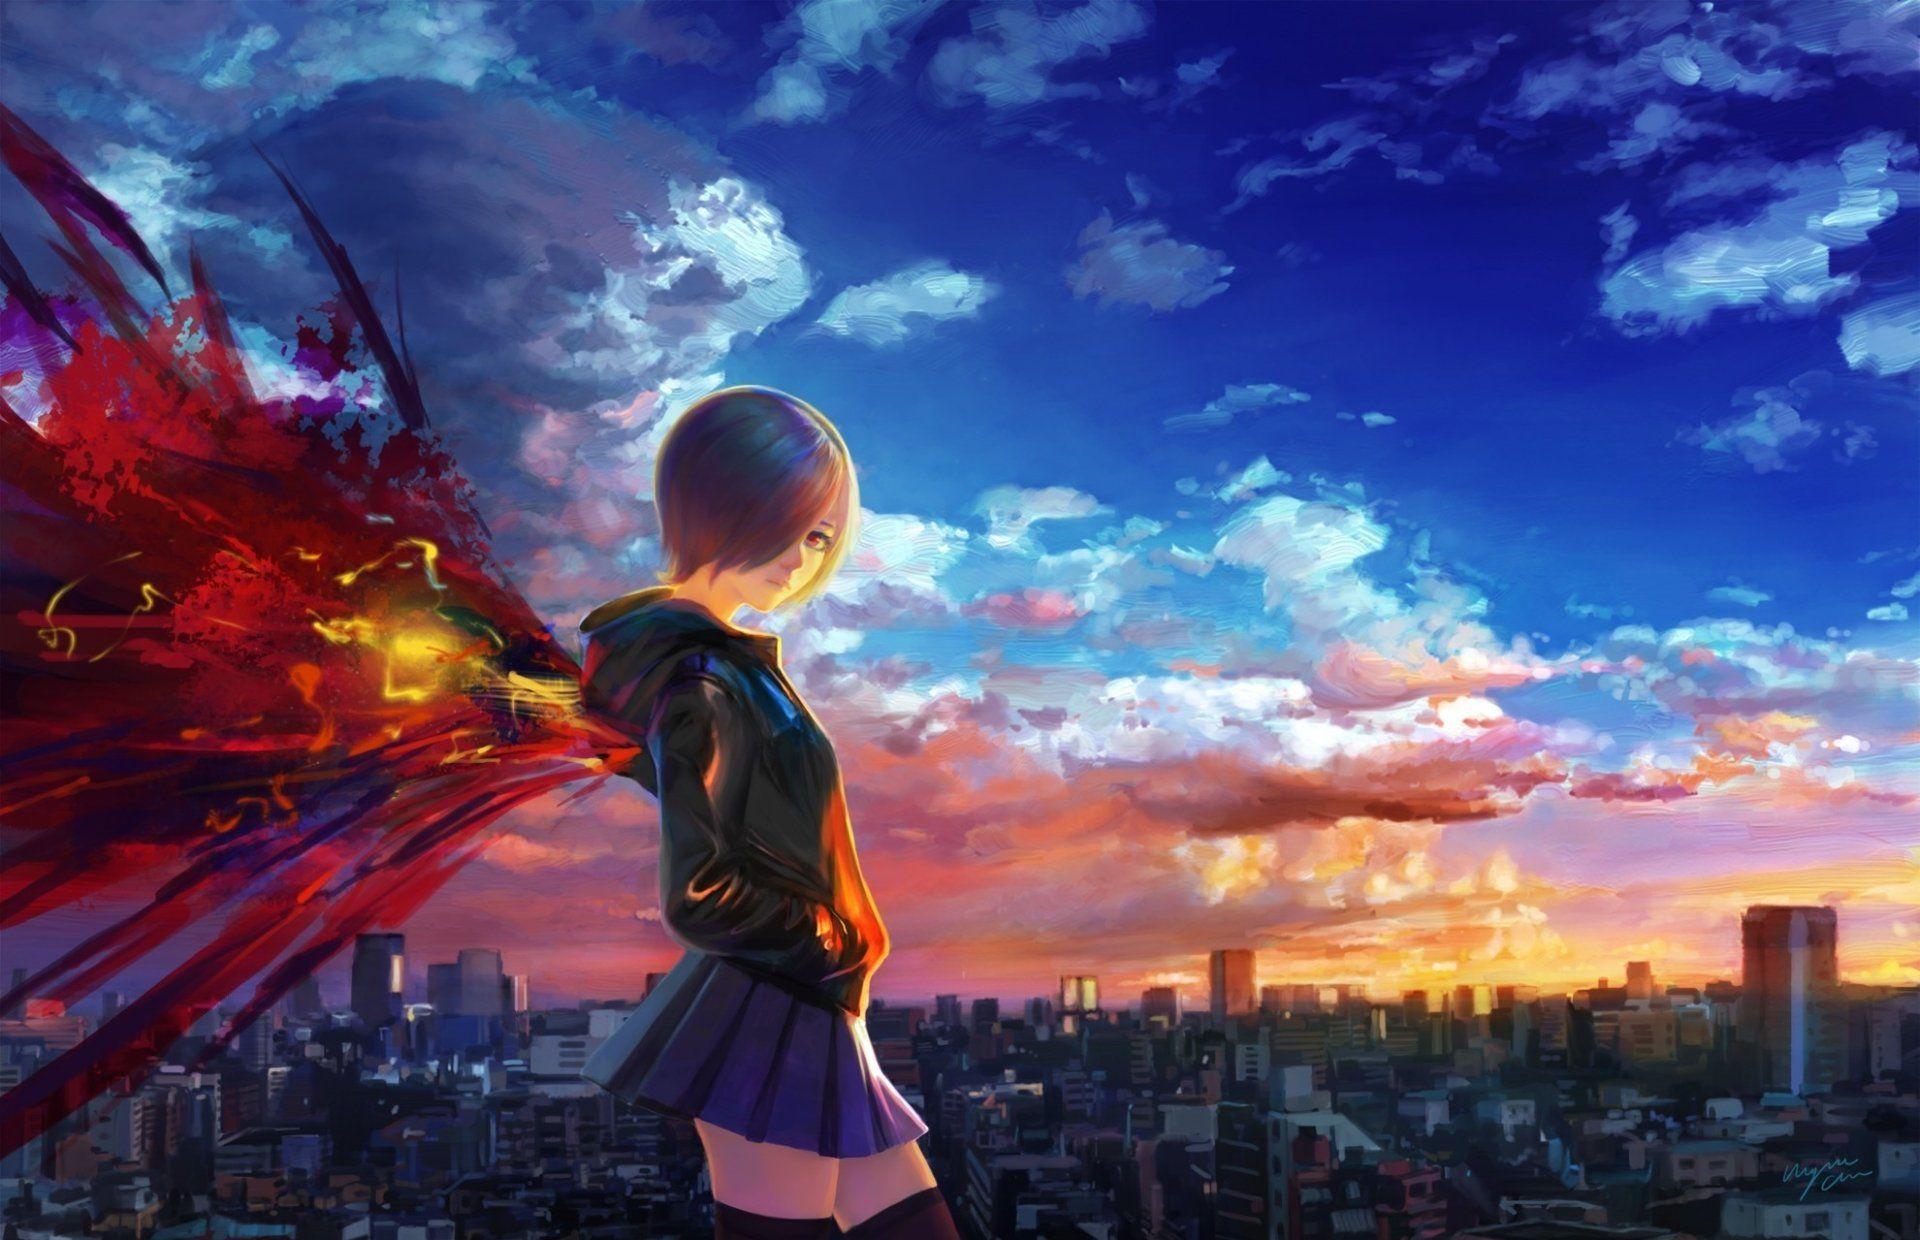 Anime Tokyo Ghoul Touka Kirishima Dziewczyna Miasto Zachód